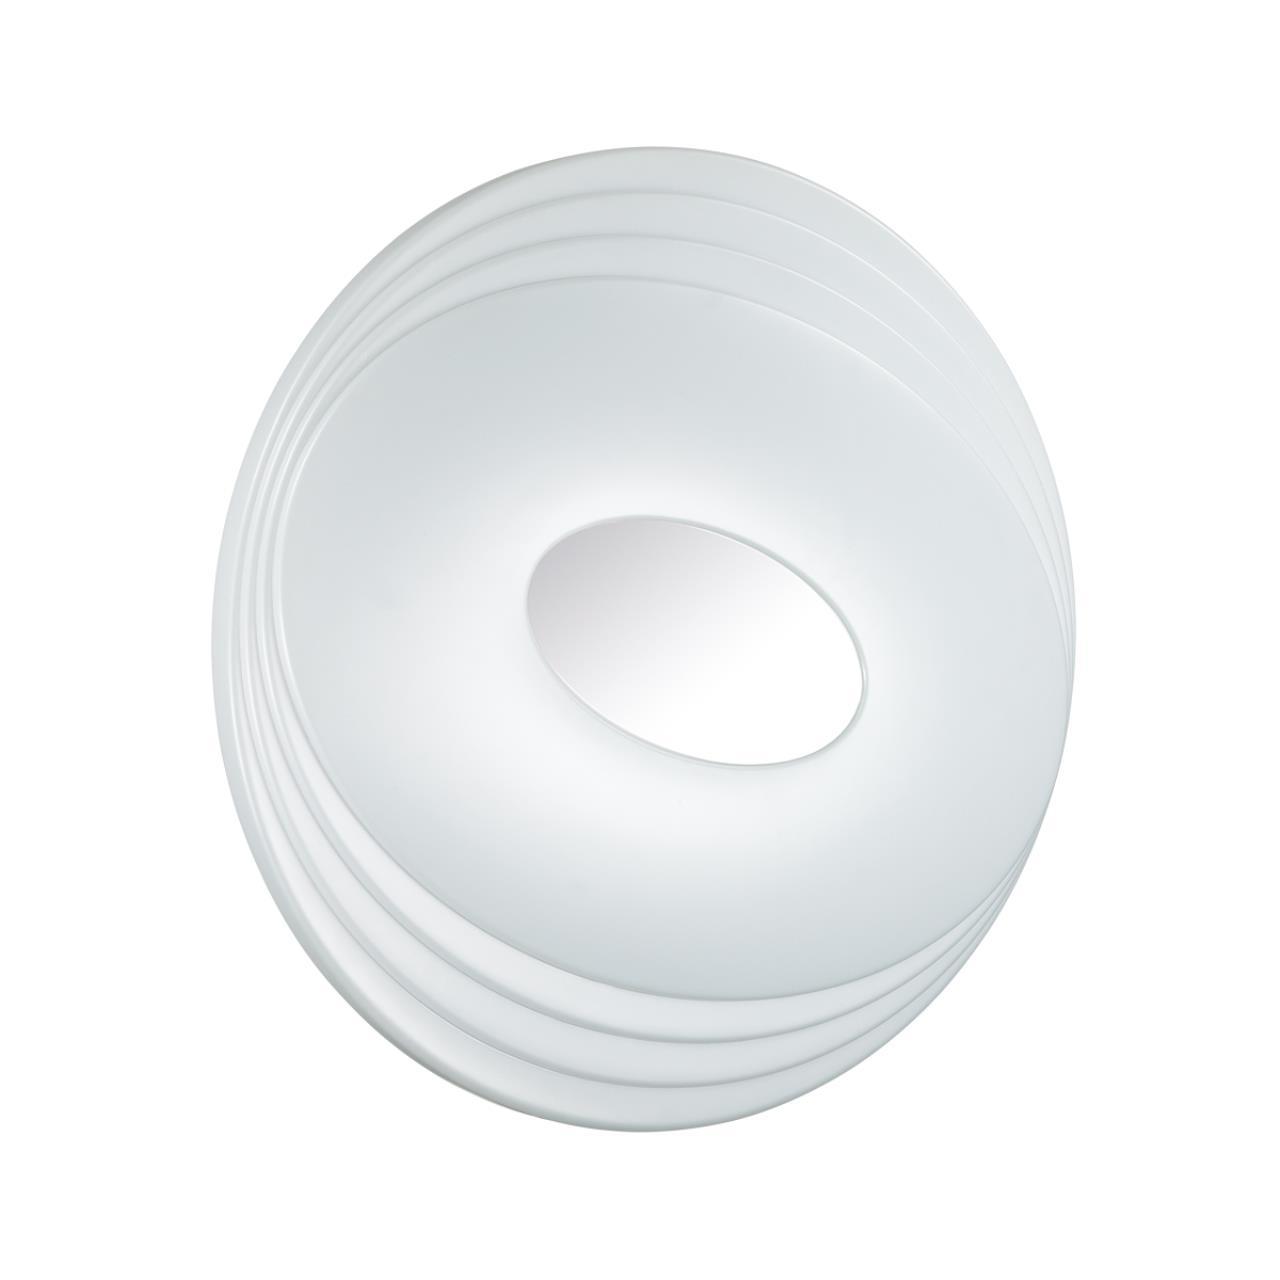 3027/EL SN 022 св-к SEKA пластик LED 72Вт 3000-6500K D485 IP43 пульт ДУ/RGB